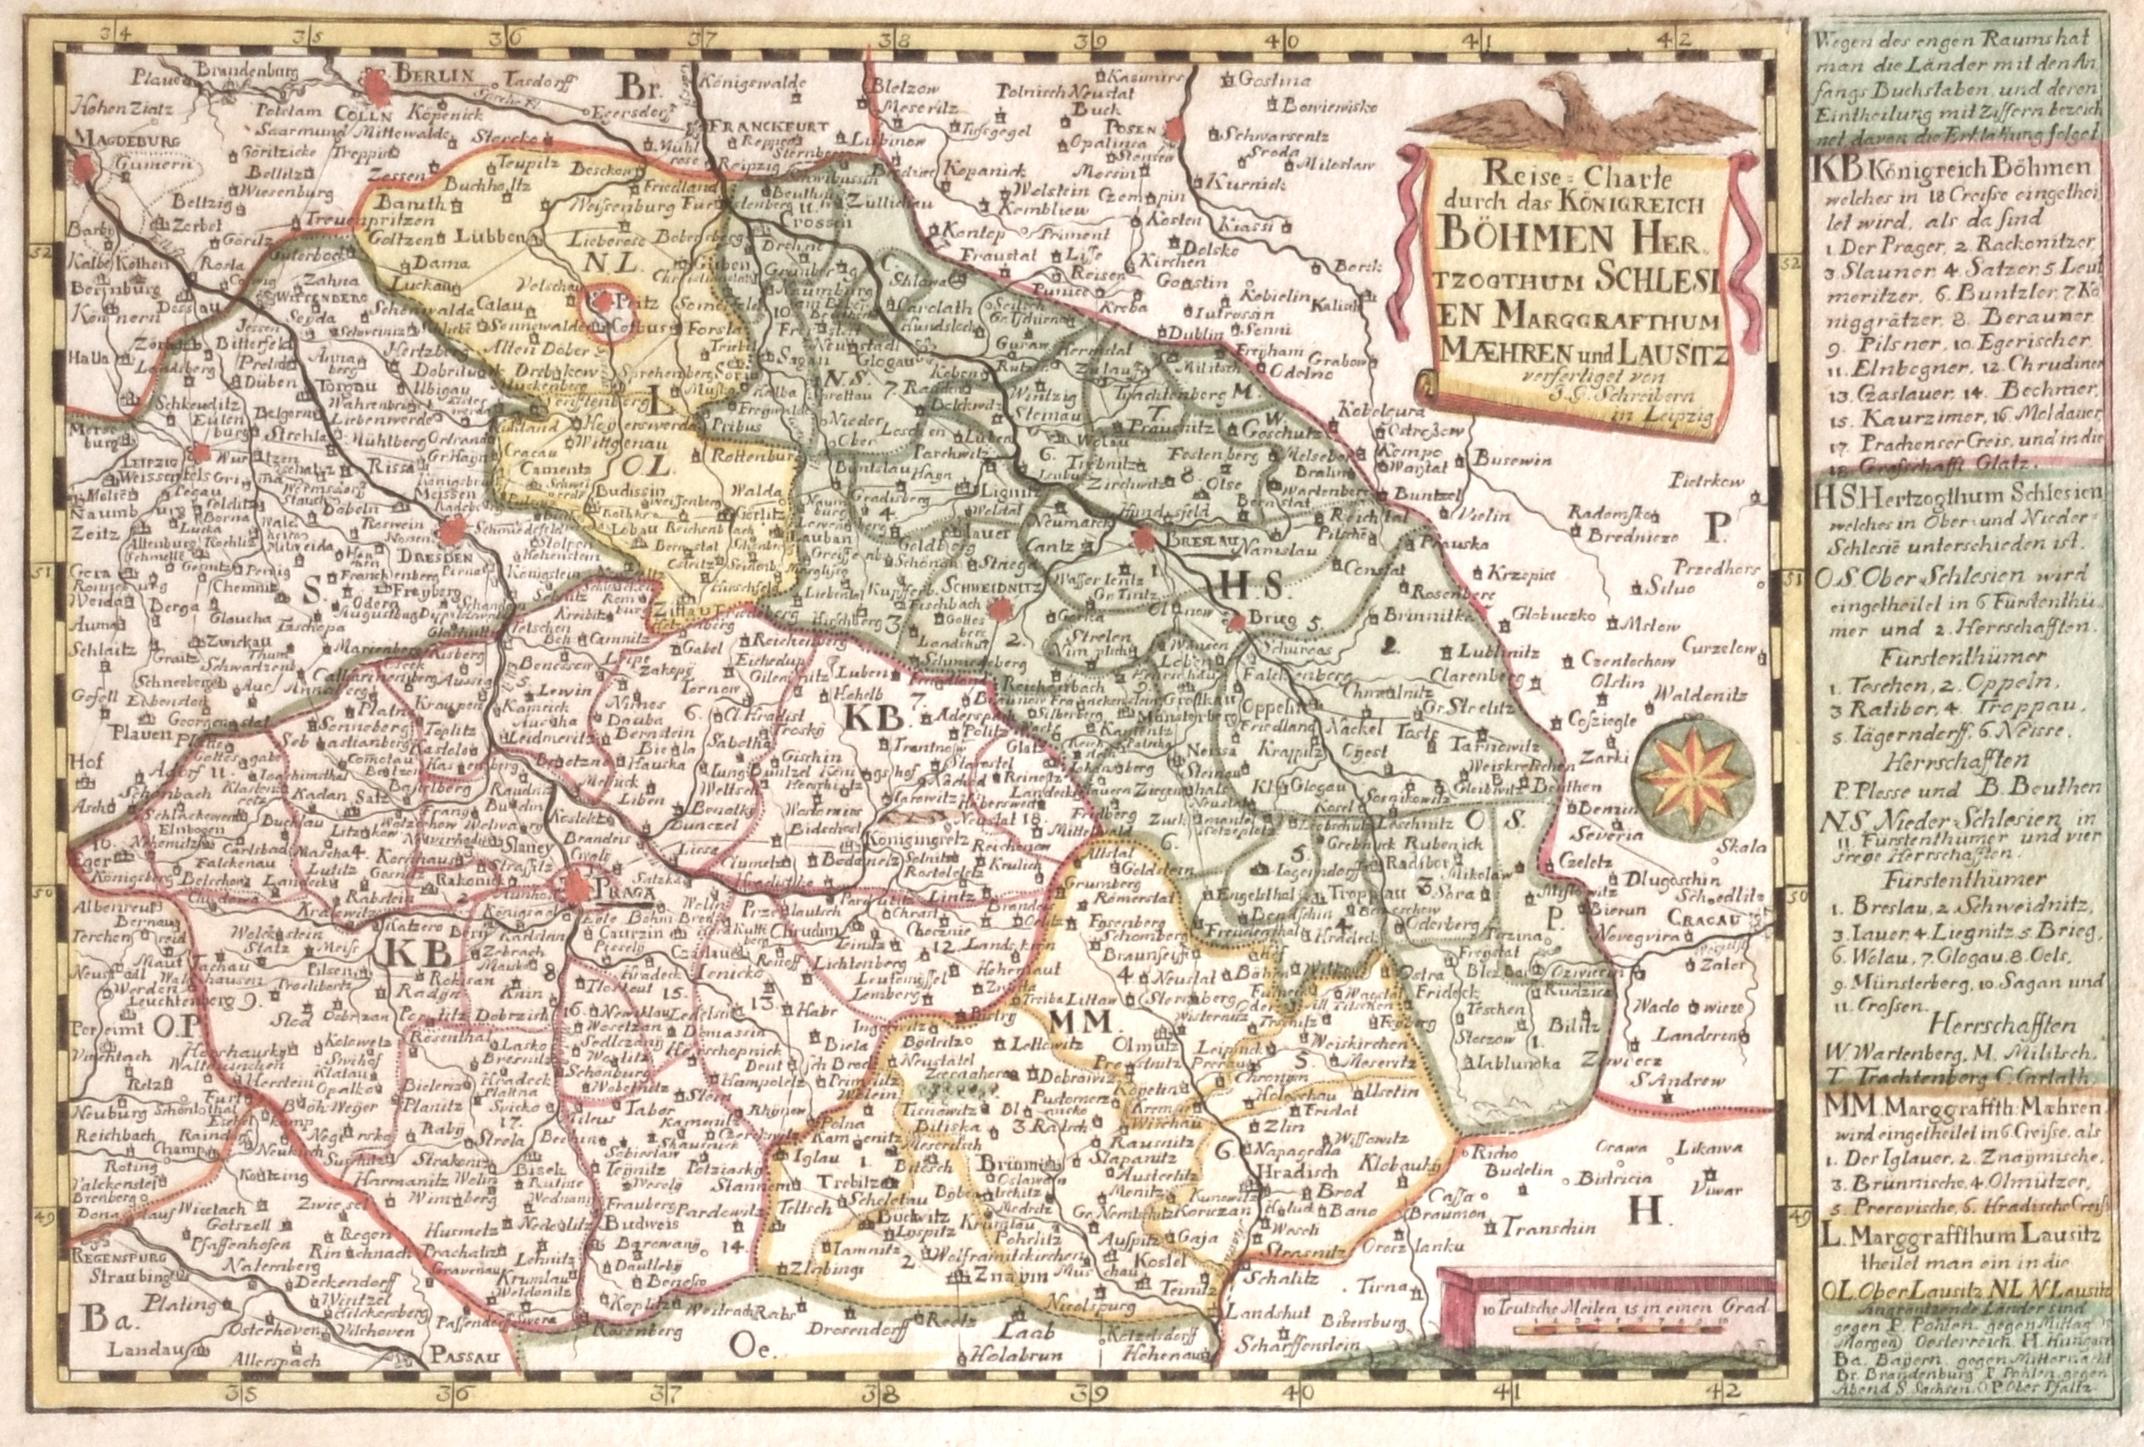 Schreiber  Reise-Carte durch das Königreich Böhmen Herzogthum Schlesien Marggrafthum Maehren und Lausitz